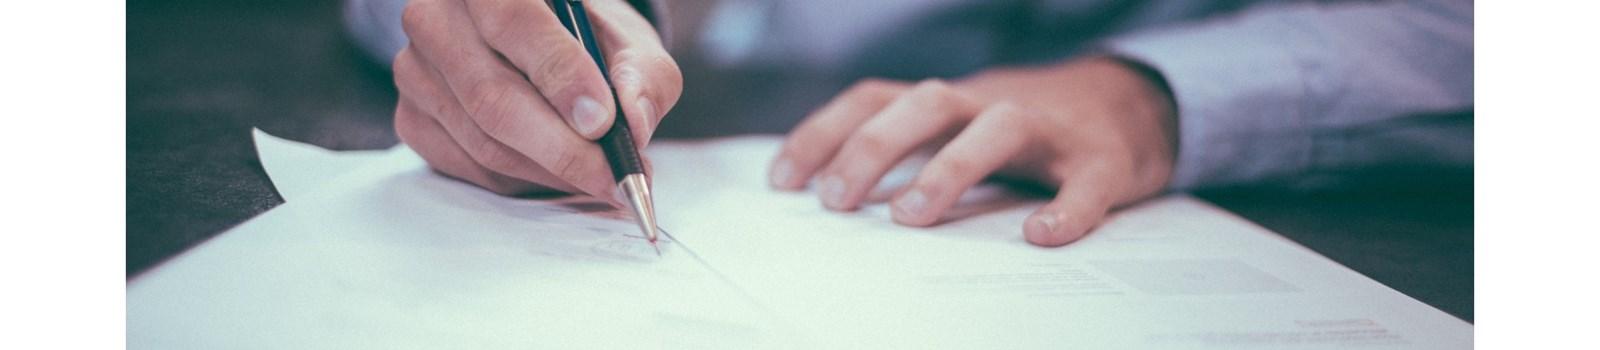 Lucro cesante, daño emergente o moral: Cómo reclamar y calcular una indemnización